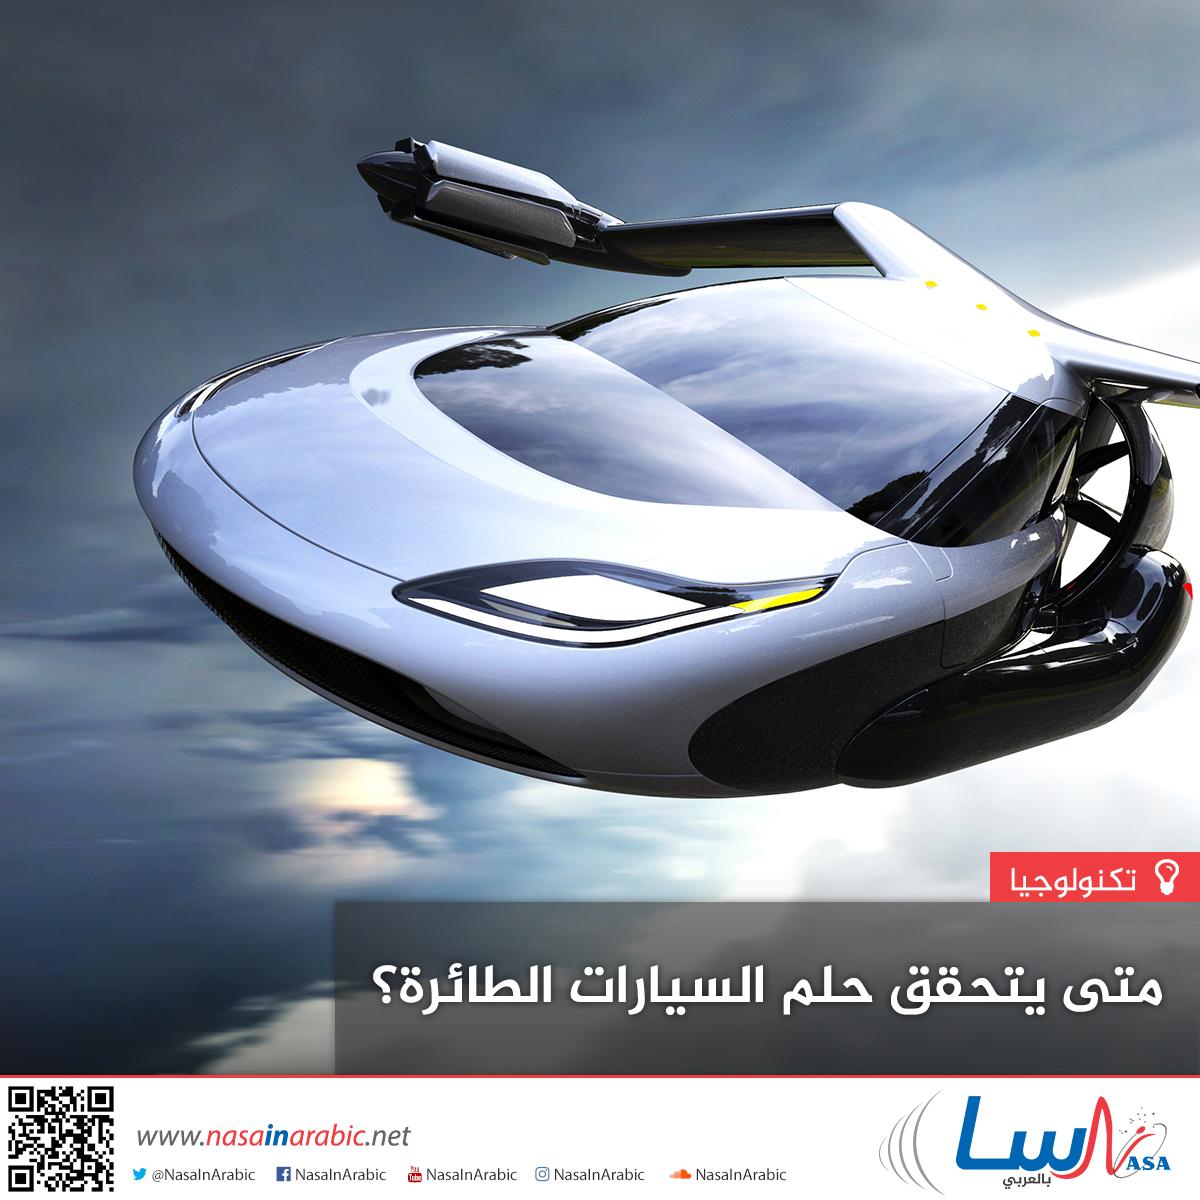 متى يتحقق حلم السيارات الطائرة؟